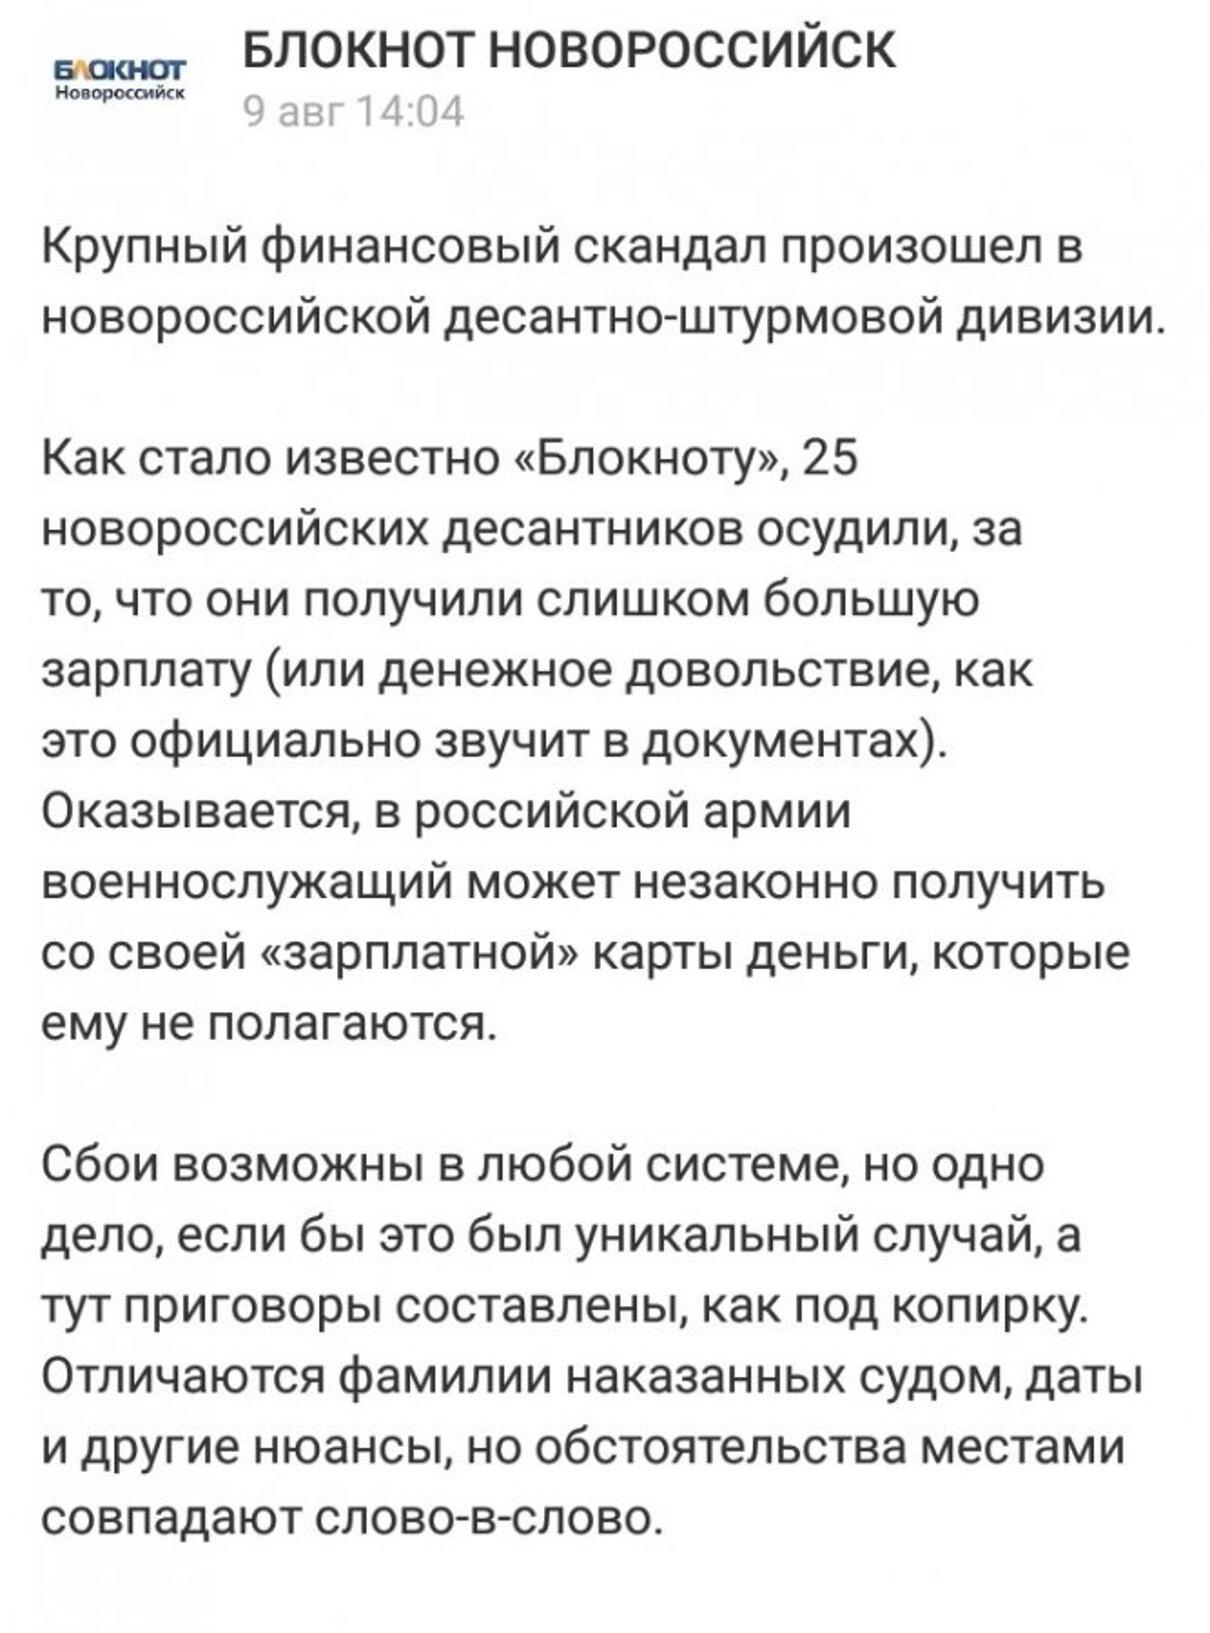 Жалоба-отзыв: Прокуратура - 25 военнослужащих в/ч 42091 незаконно осудили за мошенничество.  Фото №5